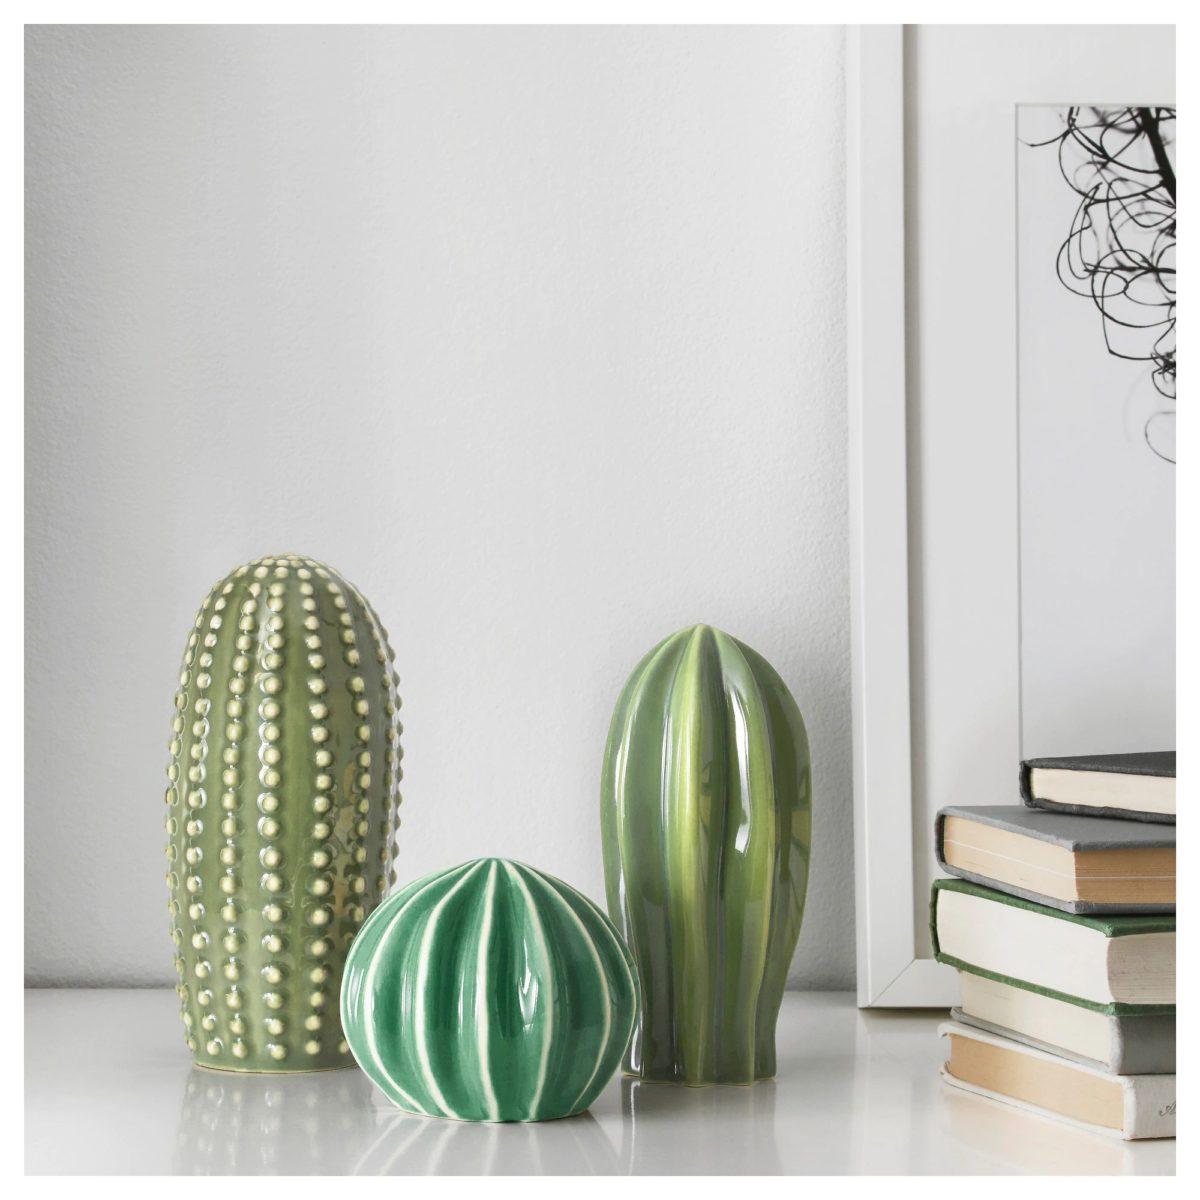 Ikea vasi e piante for Ikea decorazioni